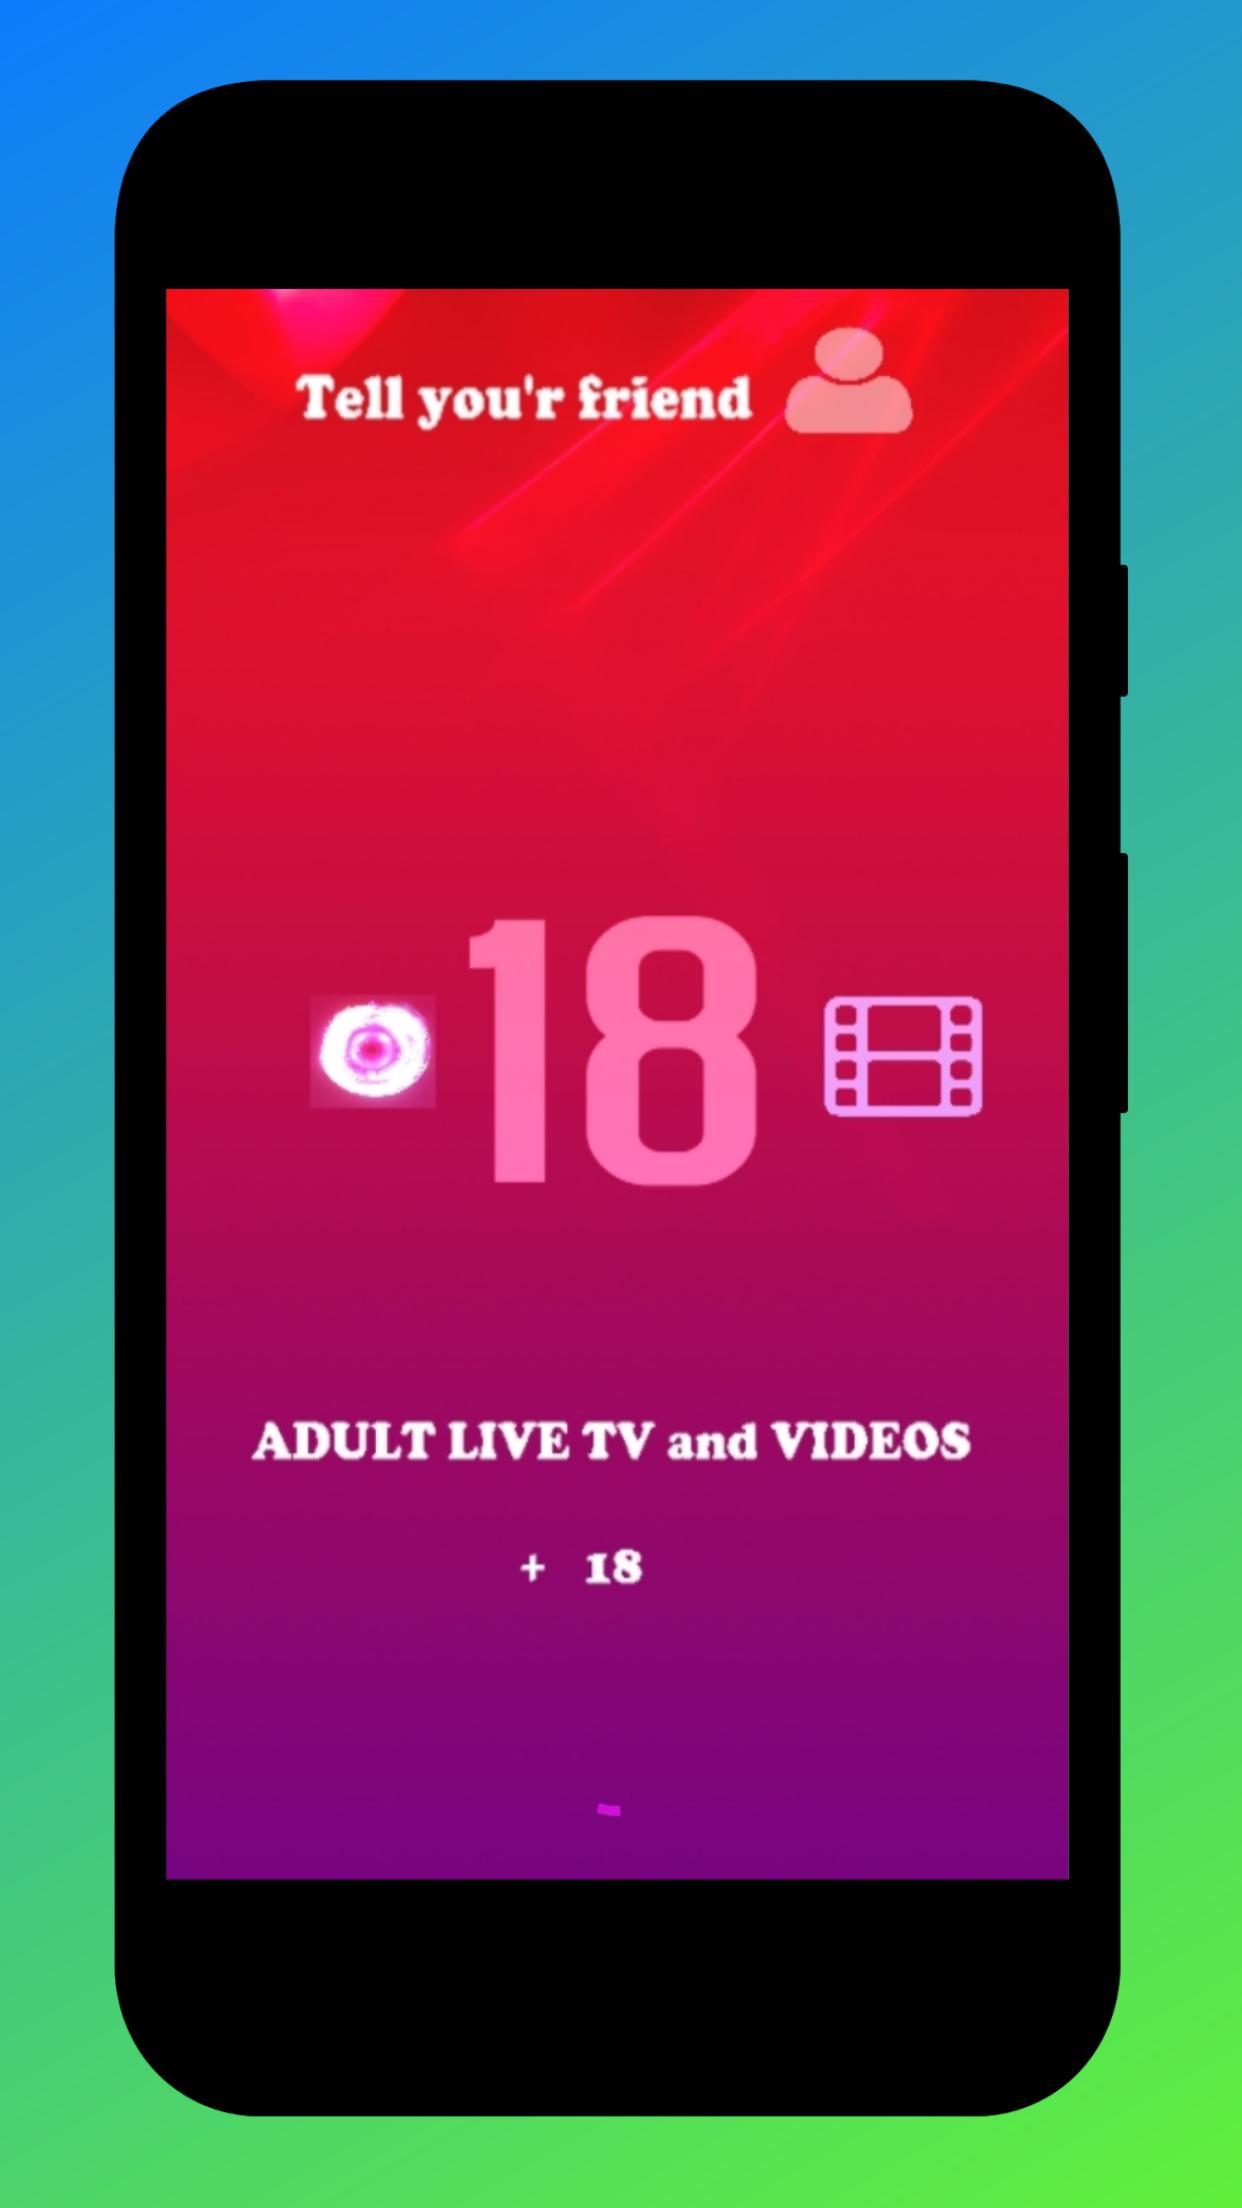 Tv adult live